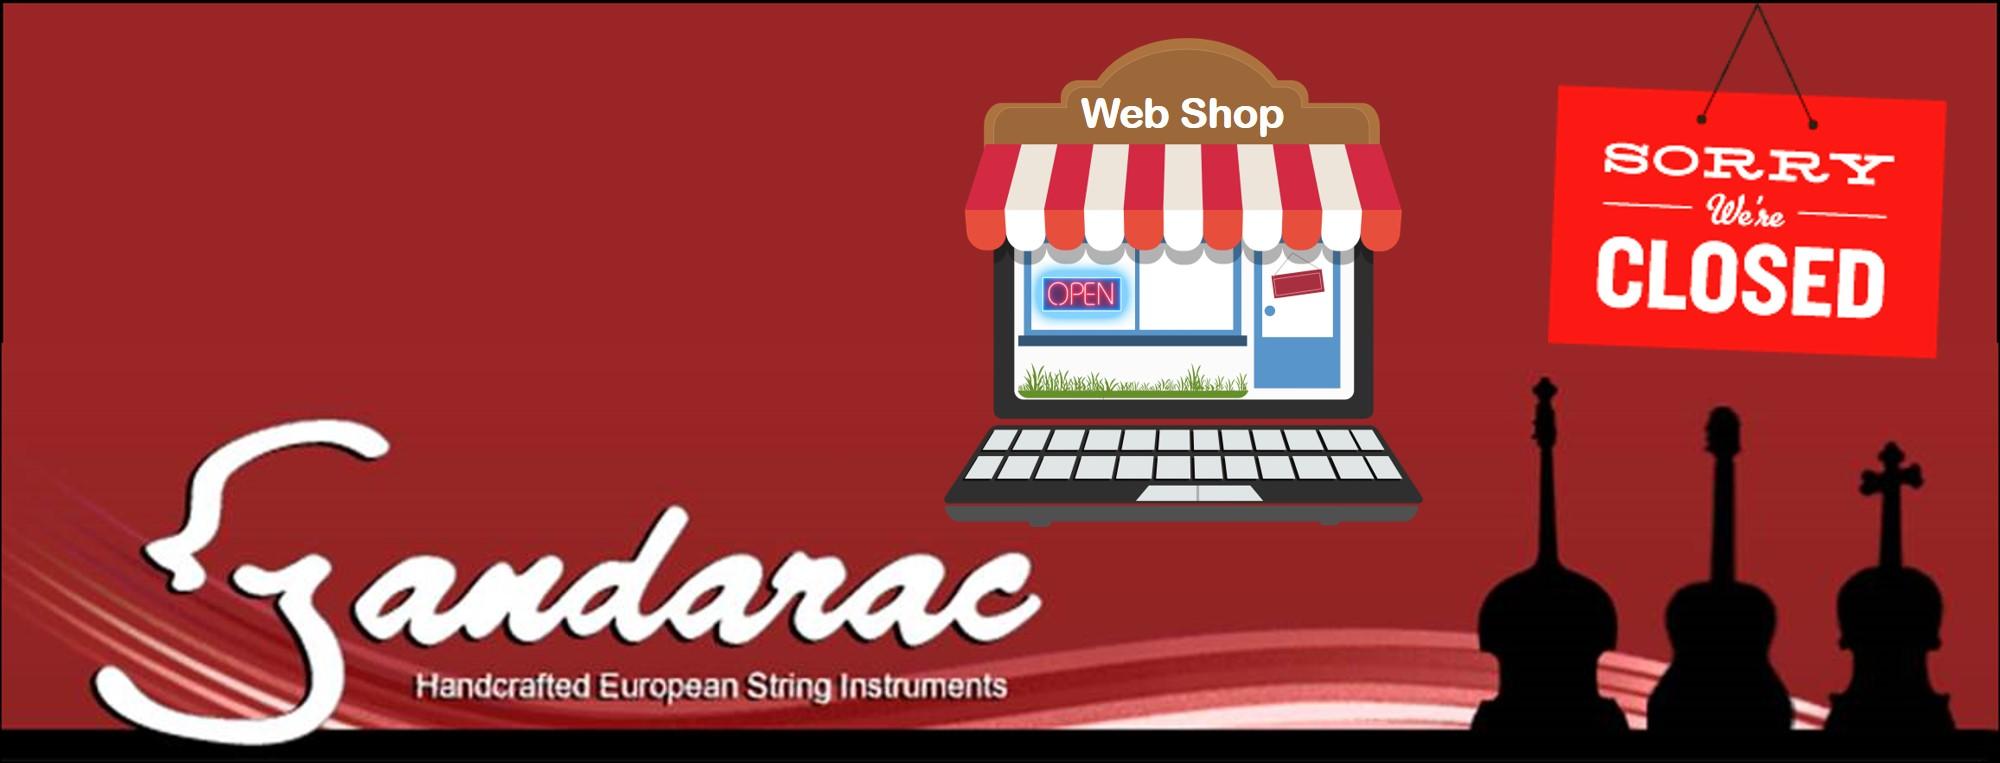 29 - web shop open